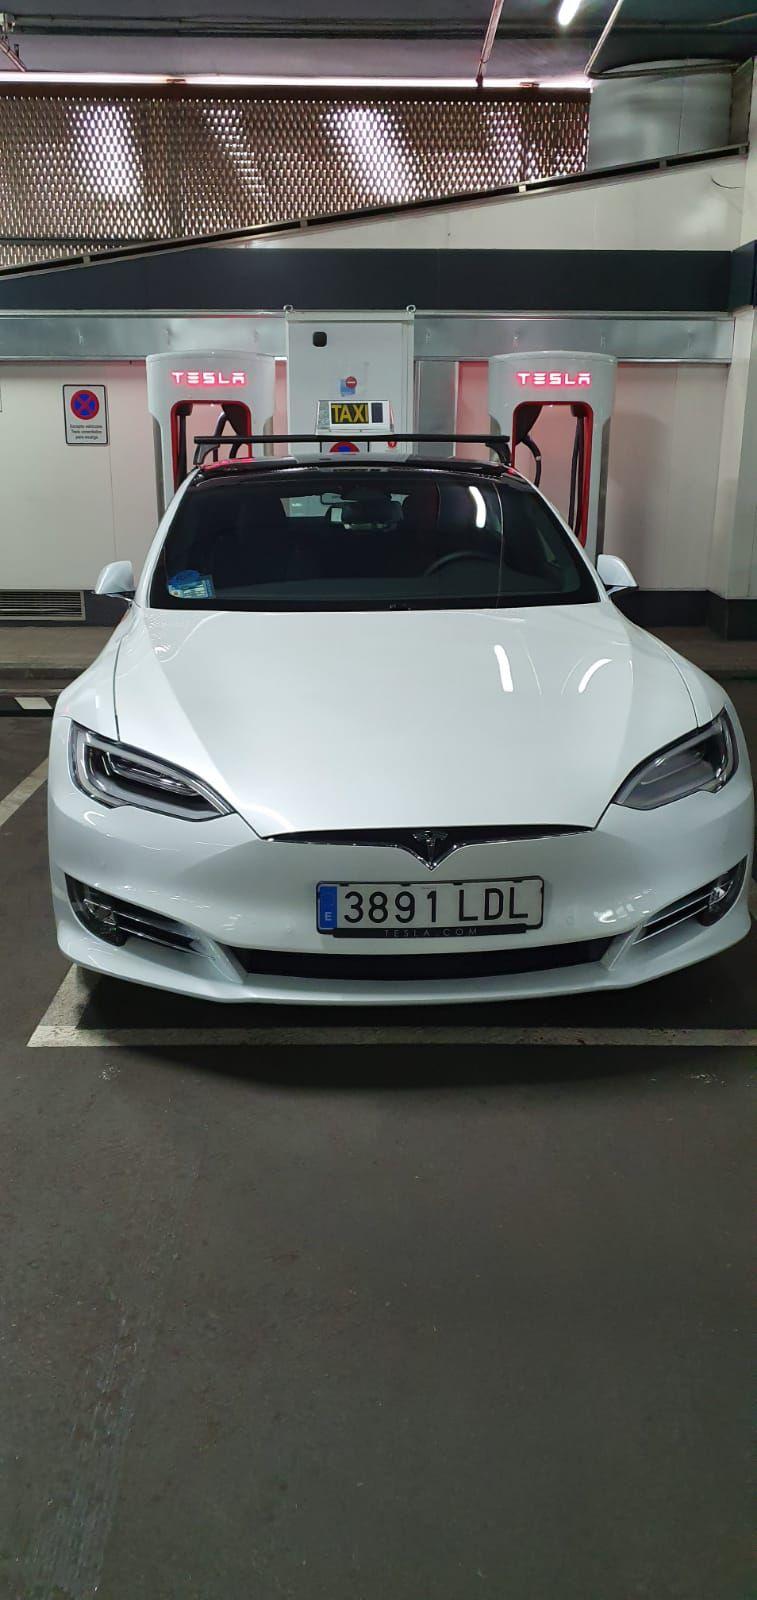 Calidad y lujo en tu taxi Las Matas: Llama y reserva tu servicio de taxi disfrutando de un servicio de calidad y lujo con un taxi Tesla